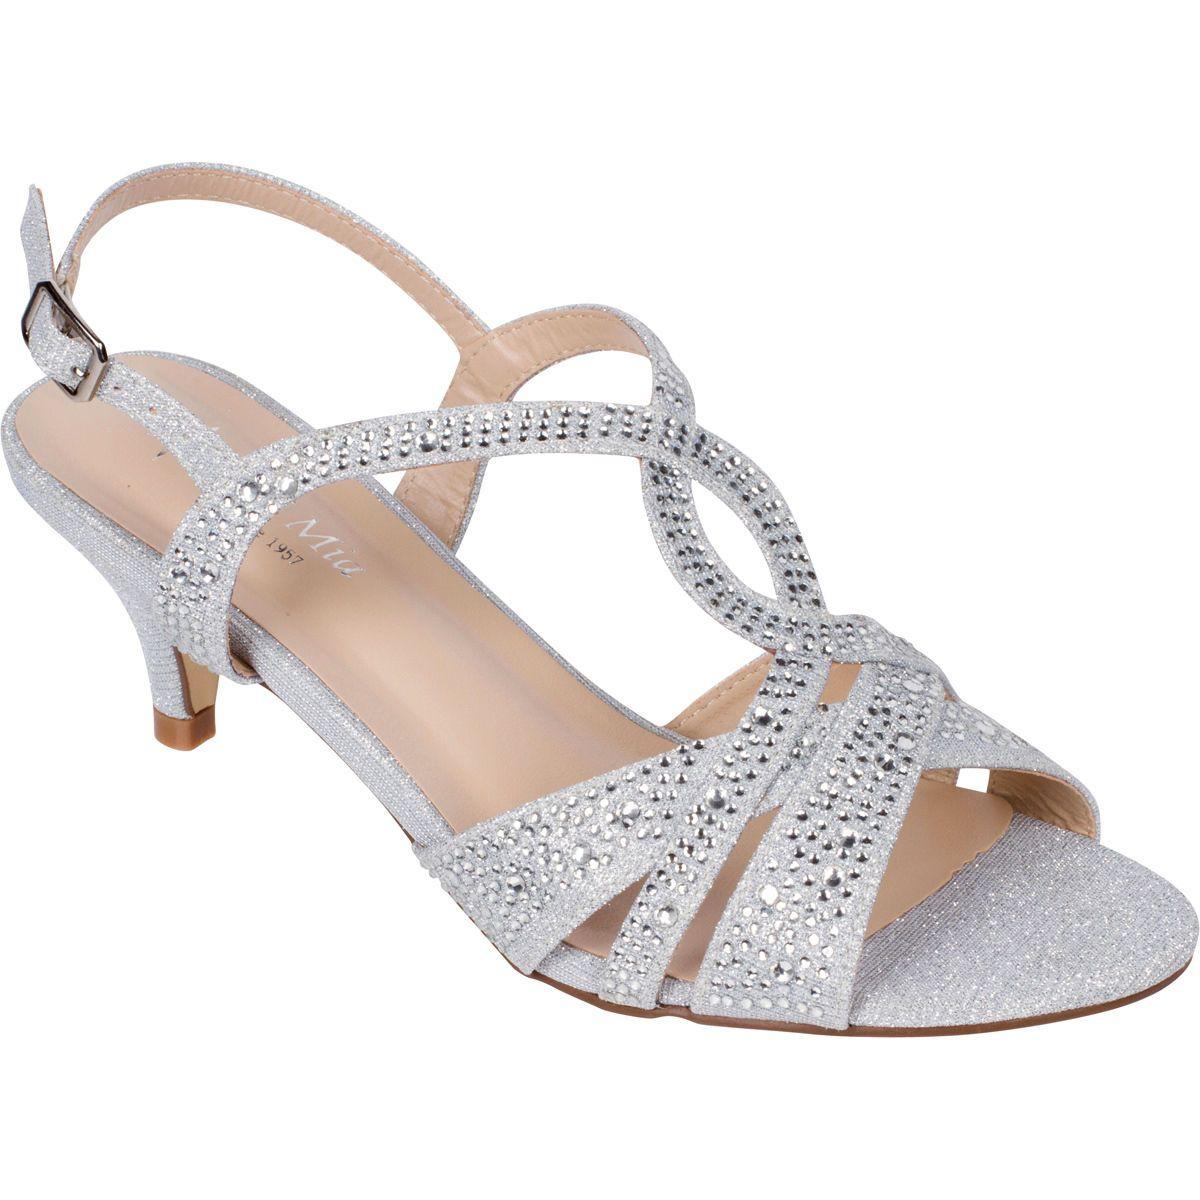 Women S Silver Dress Shoes Low Heel Sandals Wedding Rhinestone Open Toe Strappy Silver Dress Shoes Low Heels Silver Dress Sandals Dress Shoes Womens